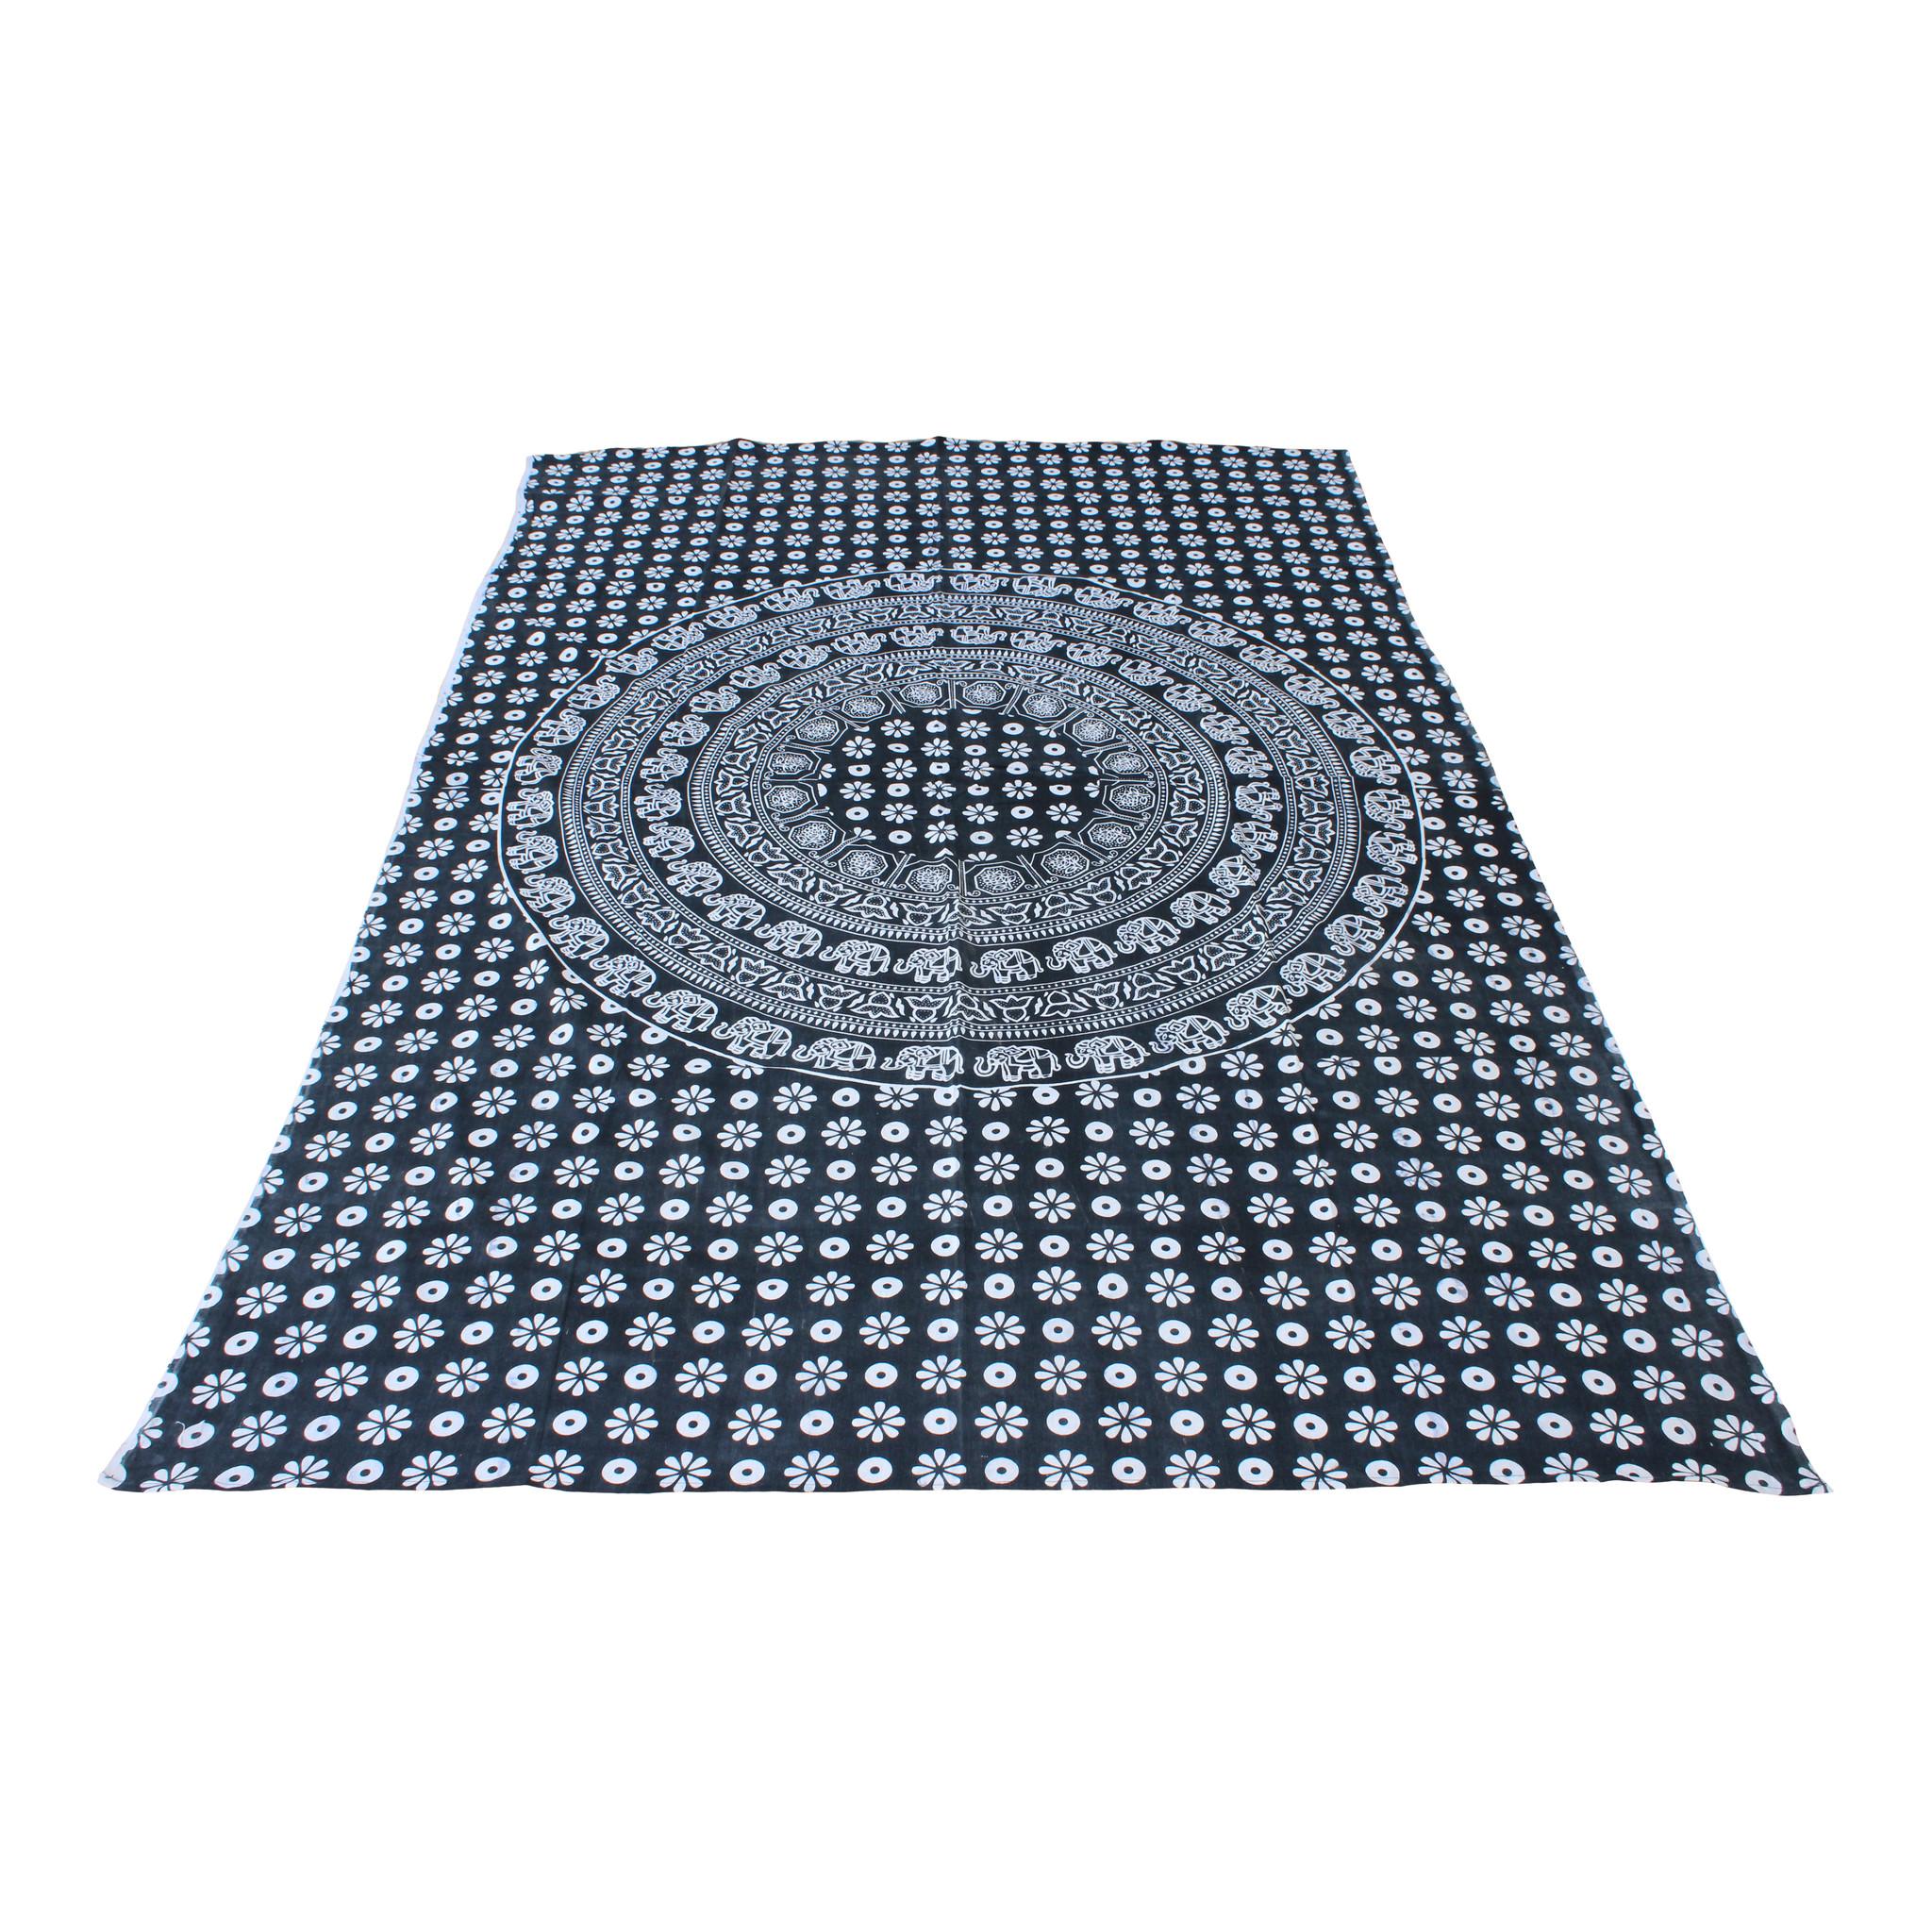 Myroundie Myroundie – roundie  - rechthoekig strandlaken – strandkleed - yoga kleed - picknickkleed - speelkleed - muurkleed - 100% katoen  - 140 x 210 cm - 830